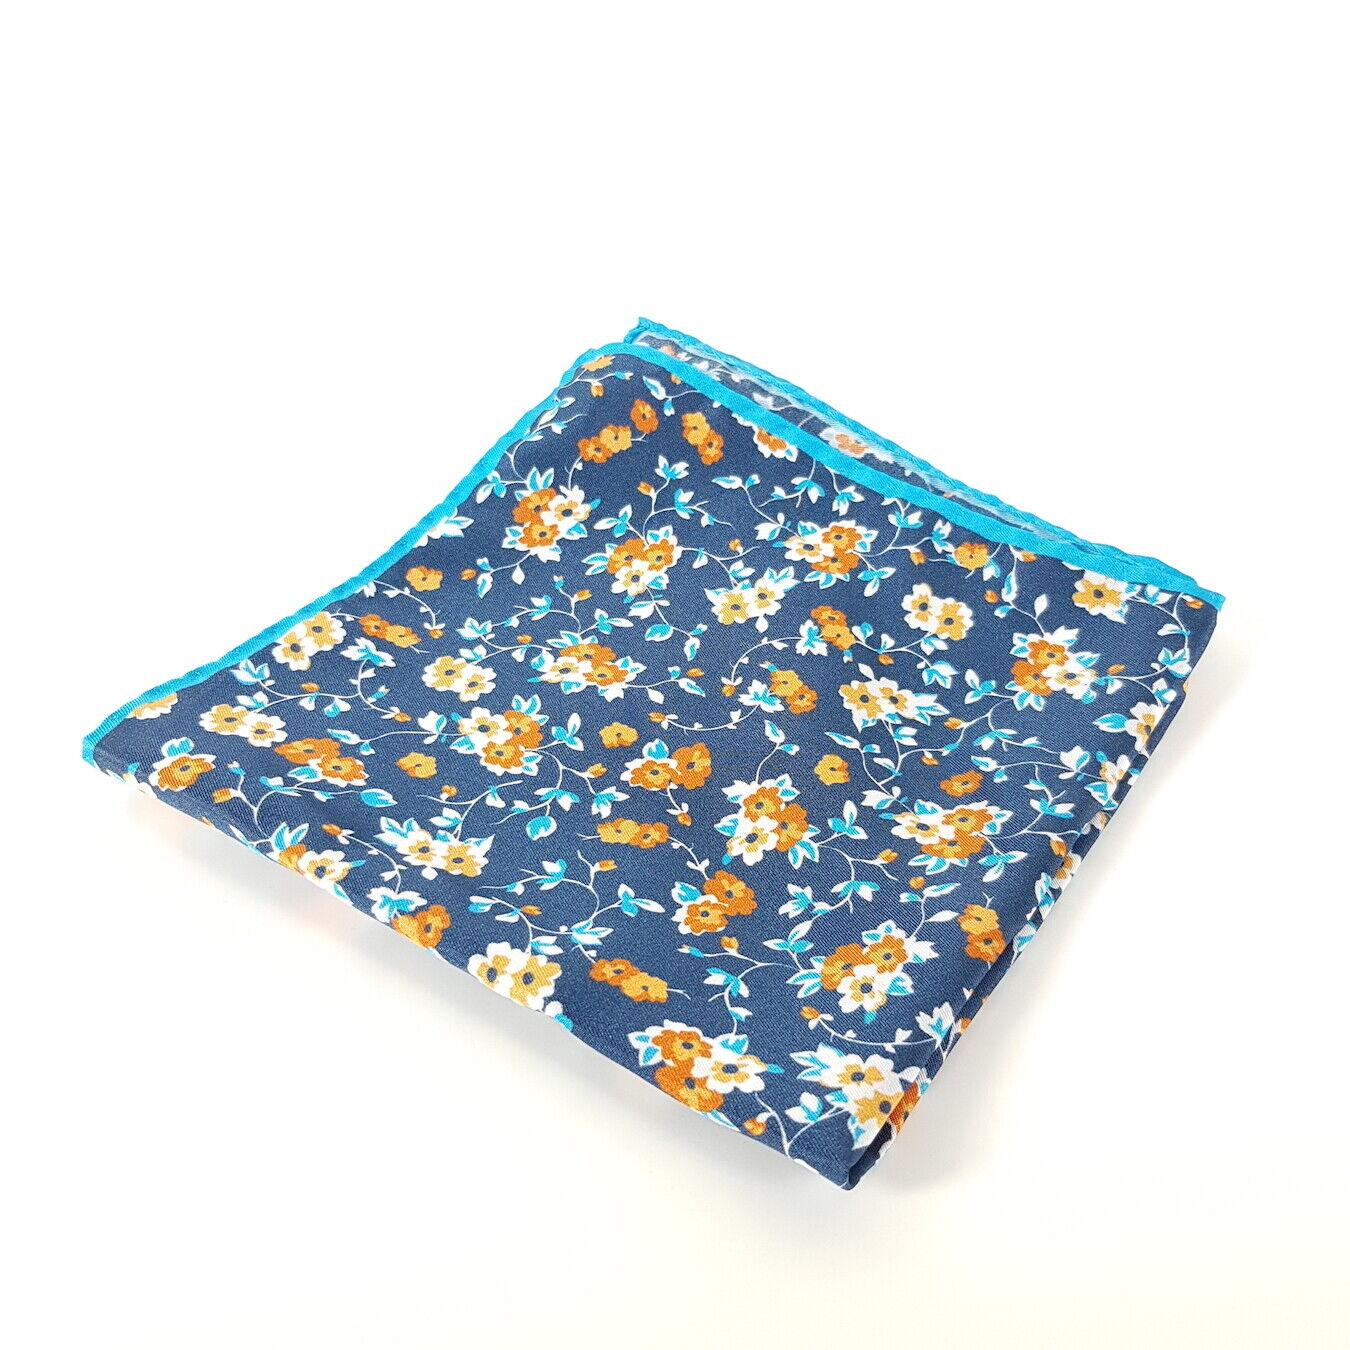 Bäumler Einstecktuch Seide Blau Orange Satin Tuch Blumen-Muster 32x32 cm Neu